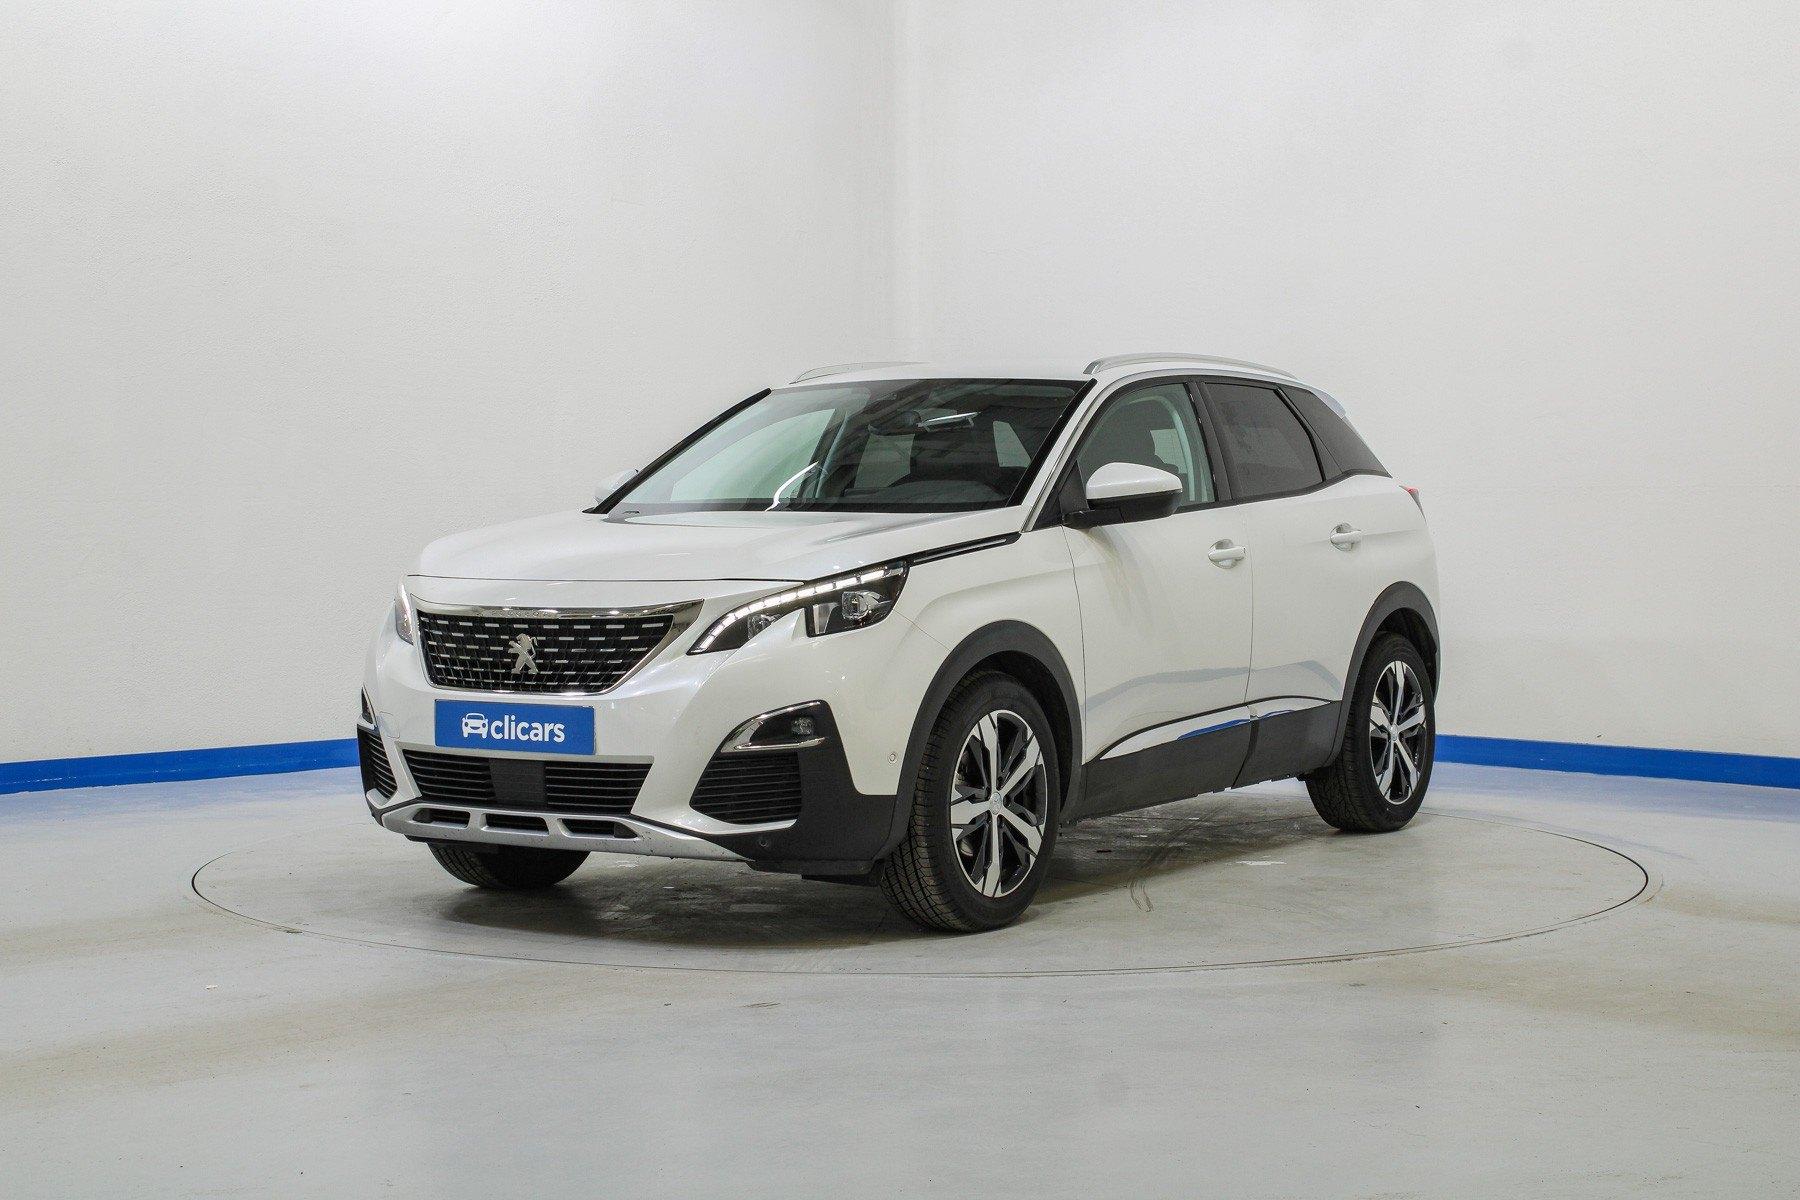 Peugeot 3008 Diésel 1.5 BlueHDi 96kW (130CV) S&S Allure EAT8 1